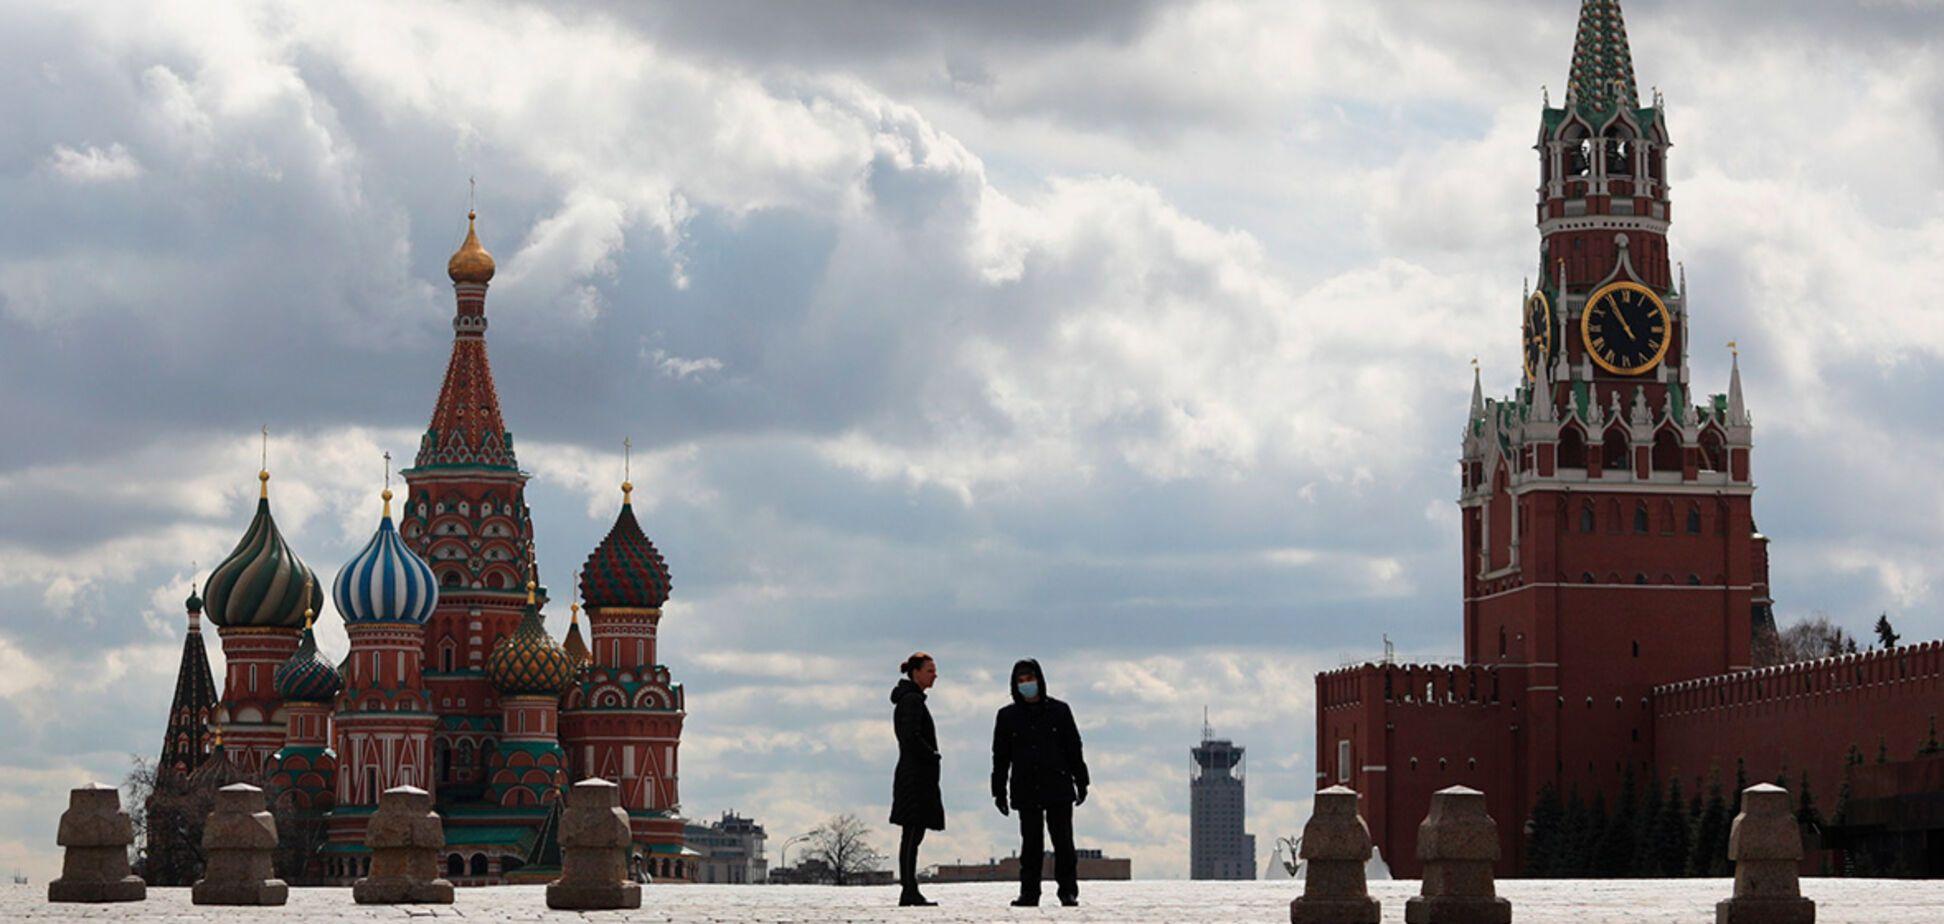 Пік коронавірусу в Росії ще попереду: названа небезпечна дата